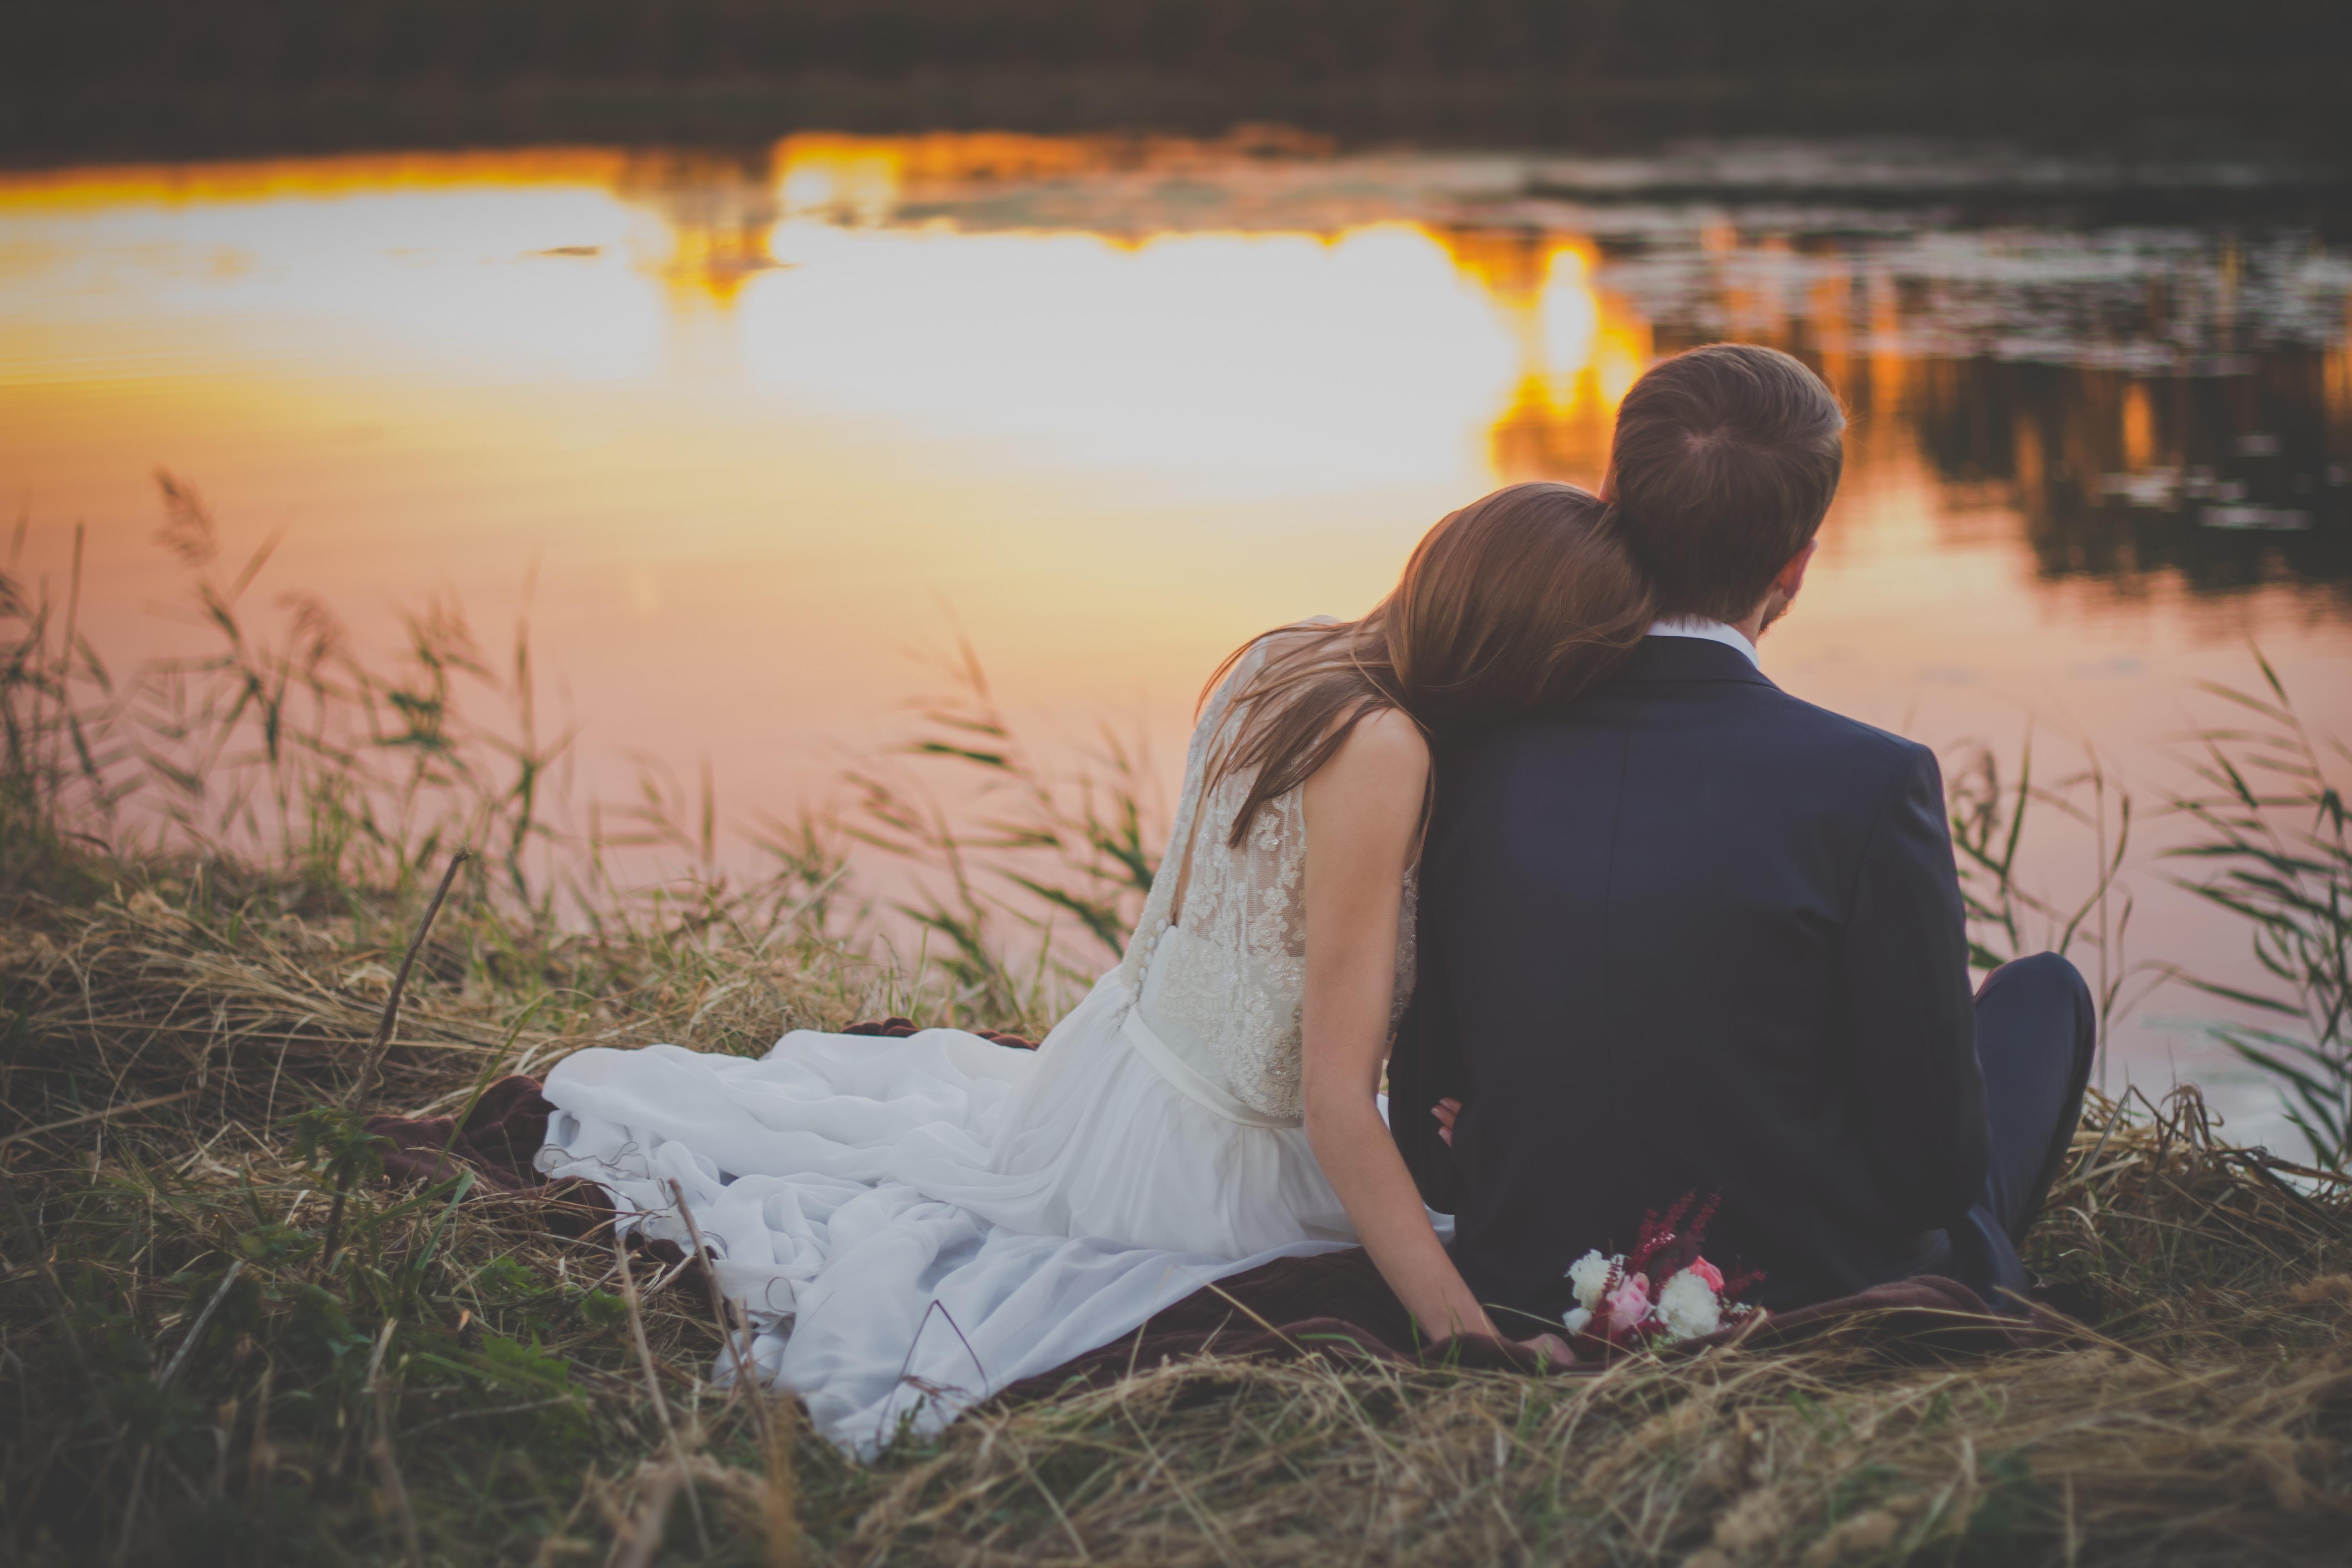 長続きするカップルが守っているシンプルな8つの決まりごと